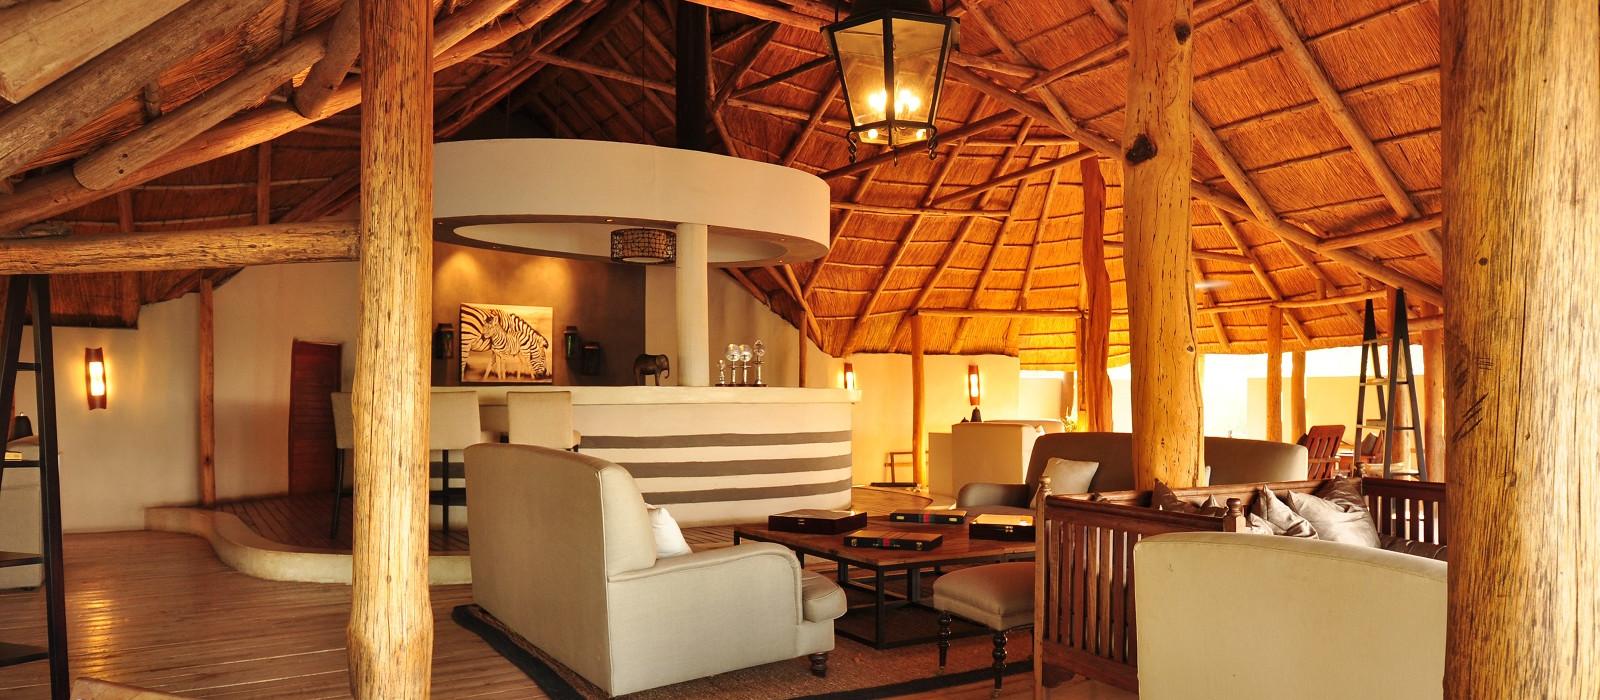 Hotel Sussi & Chuma Sambia